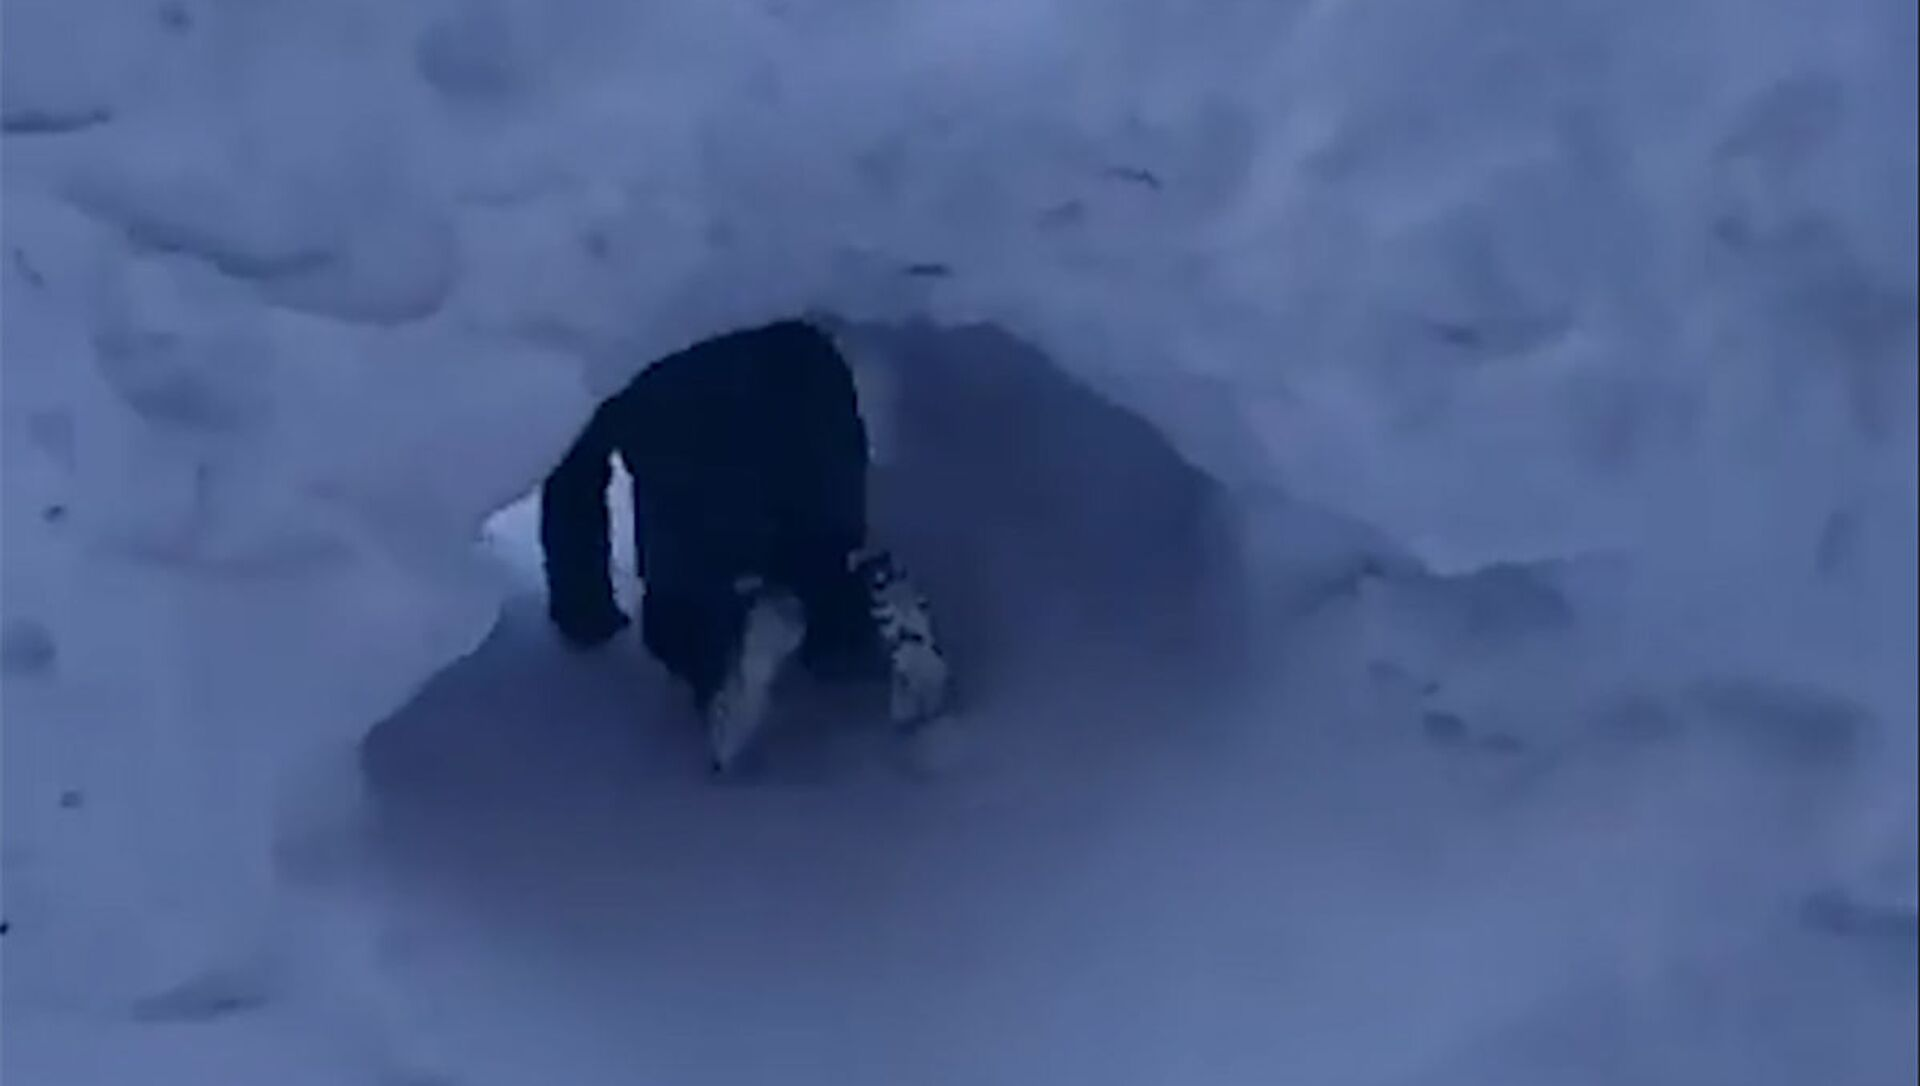 Εφευρετικοί μαθητές: Παιδιά από τη Σιβηρία σκάβουν τούνελ στο χιόνι για φθάσουν στο σχολείο - Sputnik Ελλάδα, 1920, 25.02.2021